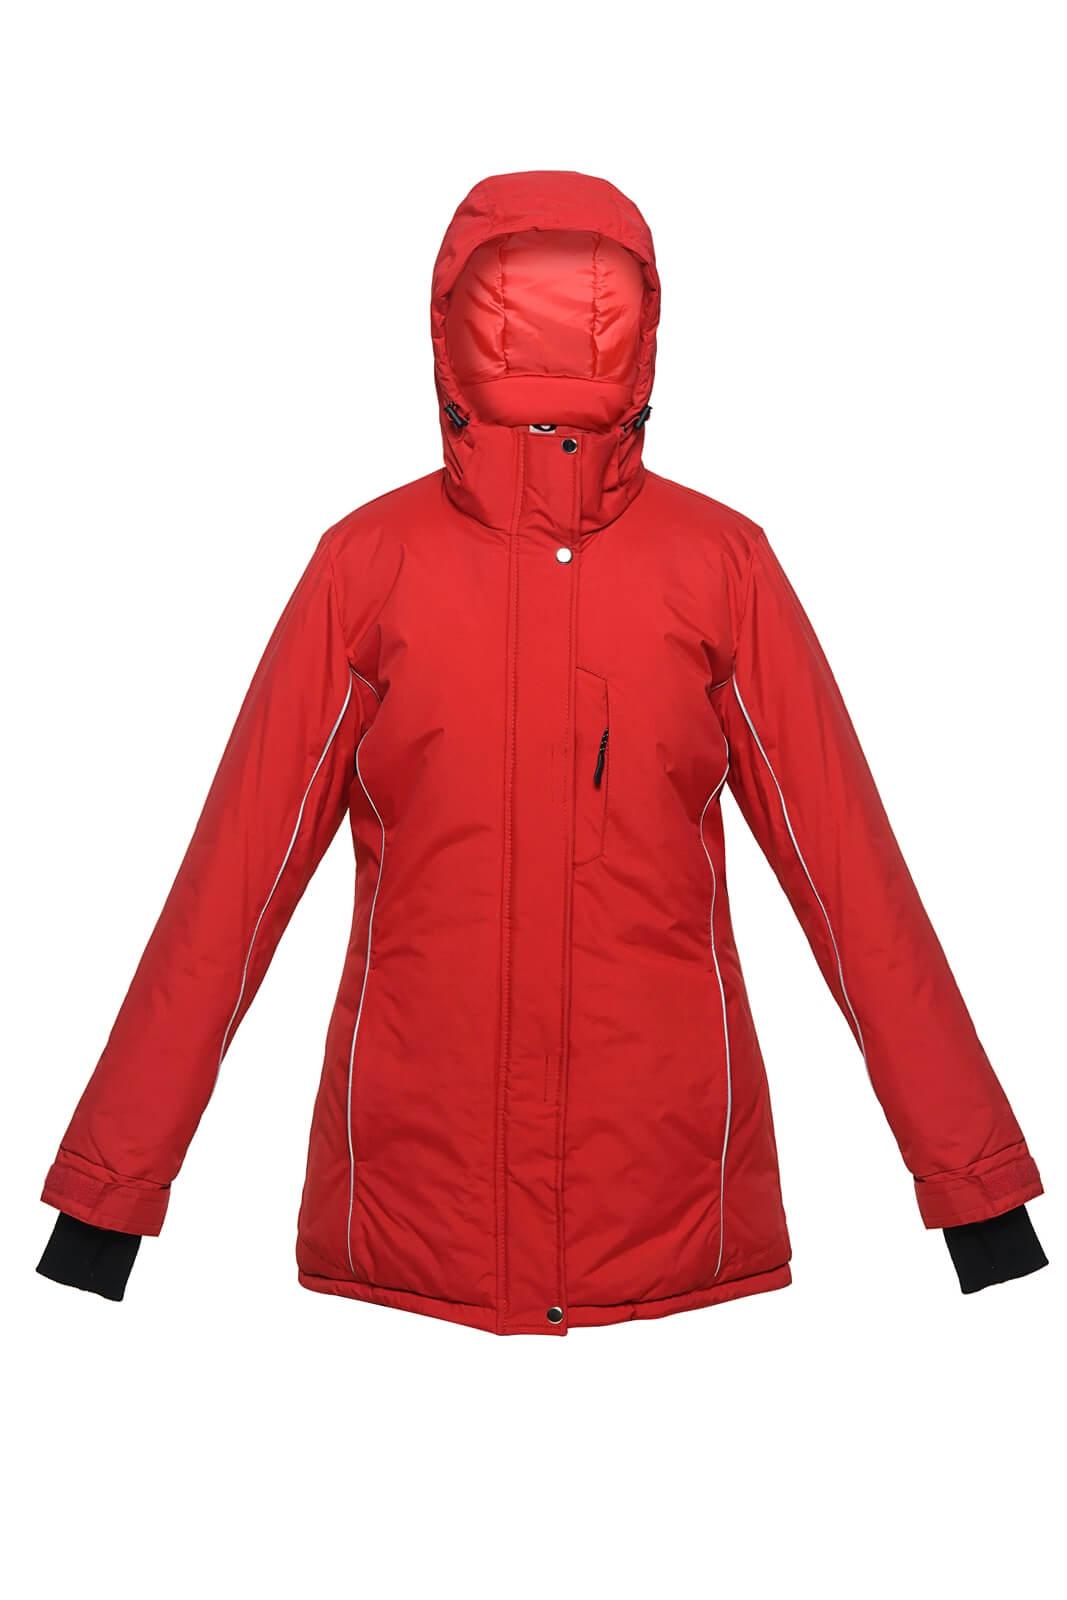 Куртка зимняя женская рабочая Парка - VT STYLE